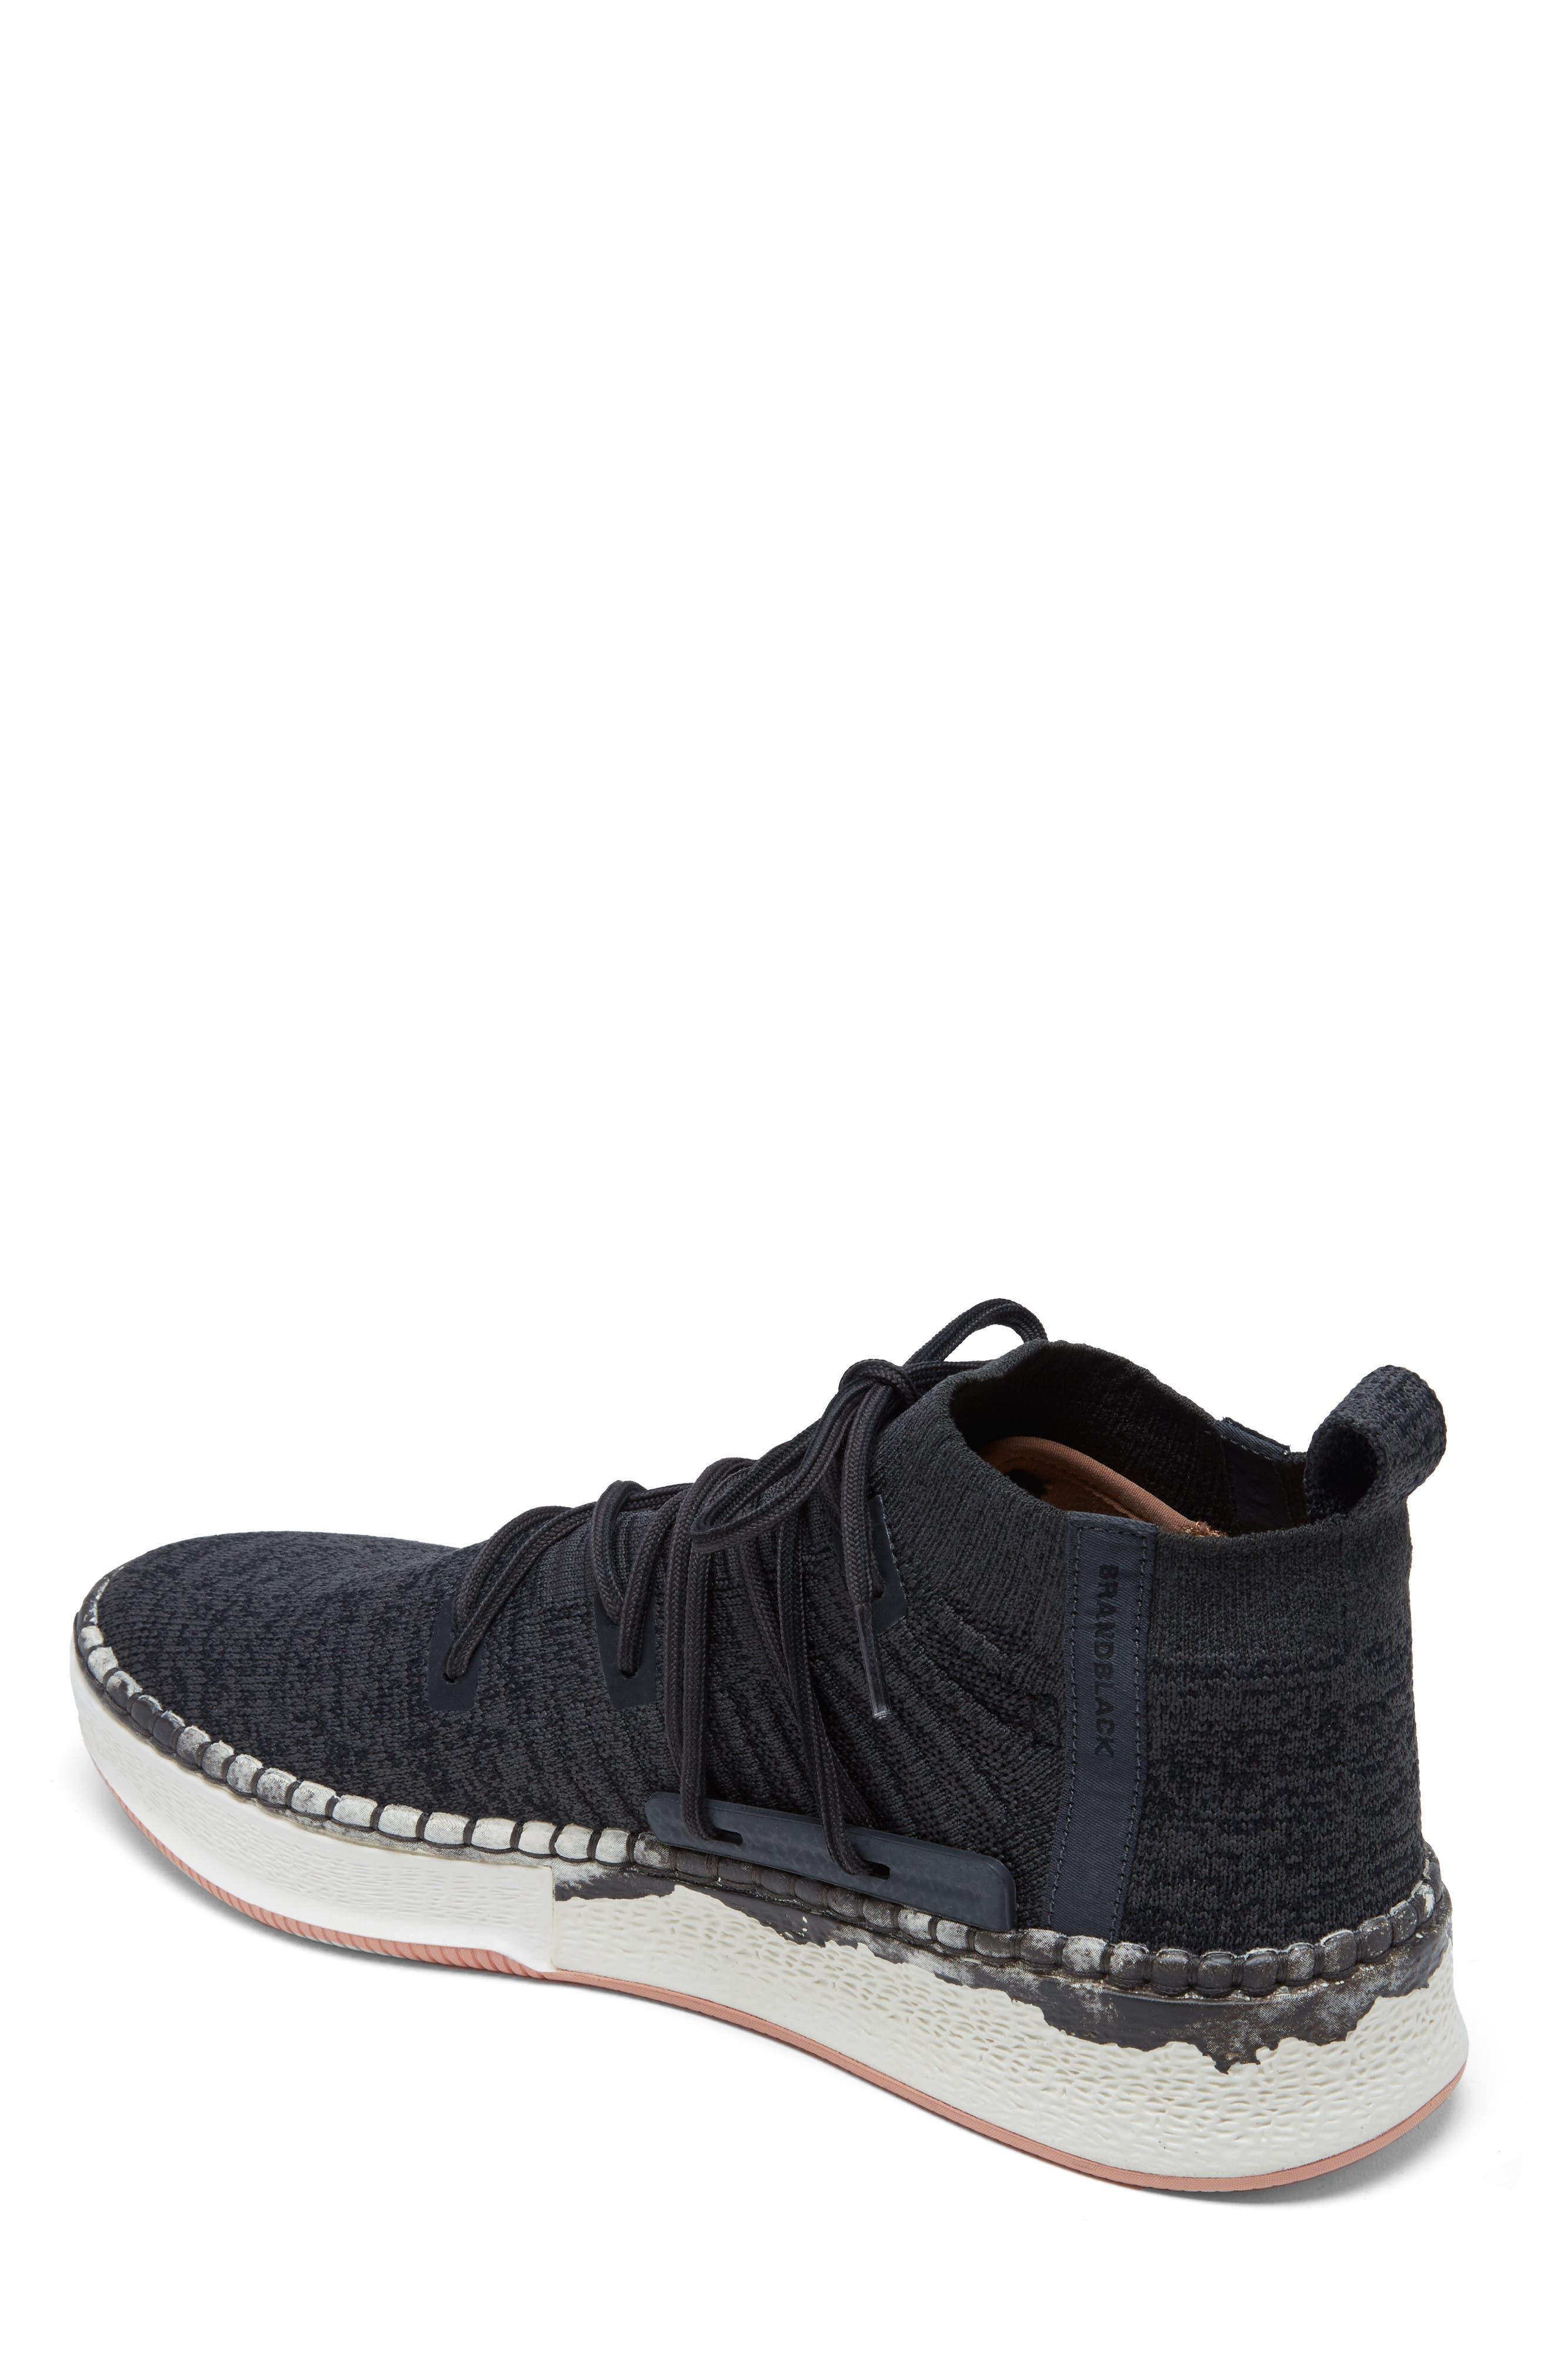 Delta Shibori Sneaker,                             Alternate thumbnail 2, color,                             Black